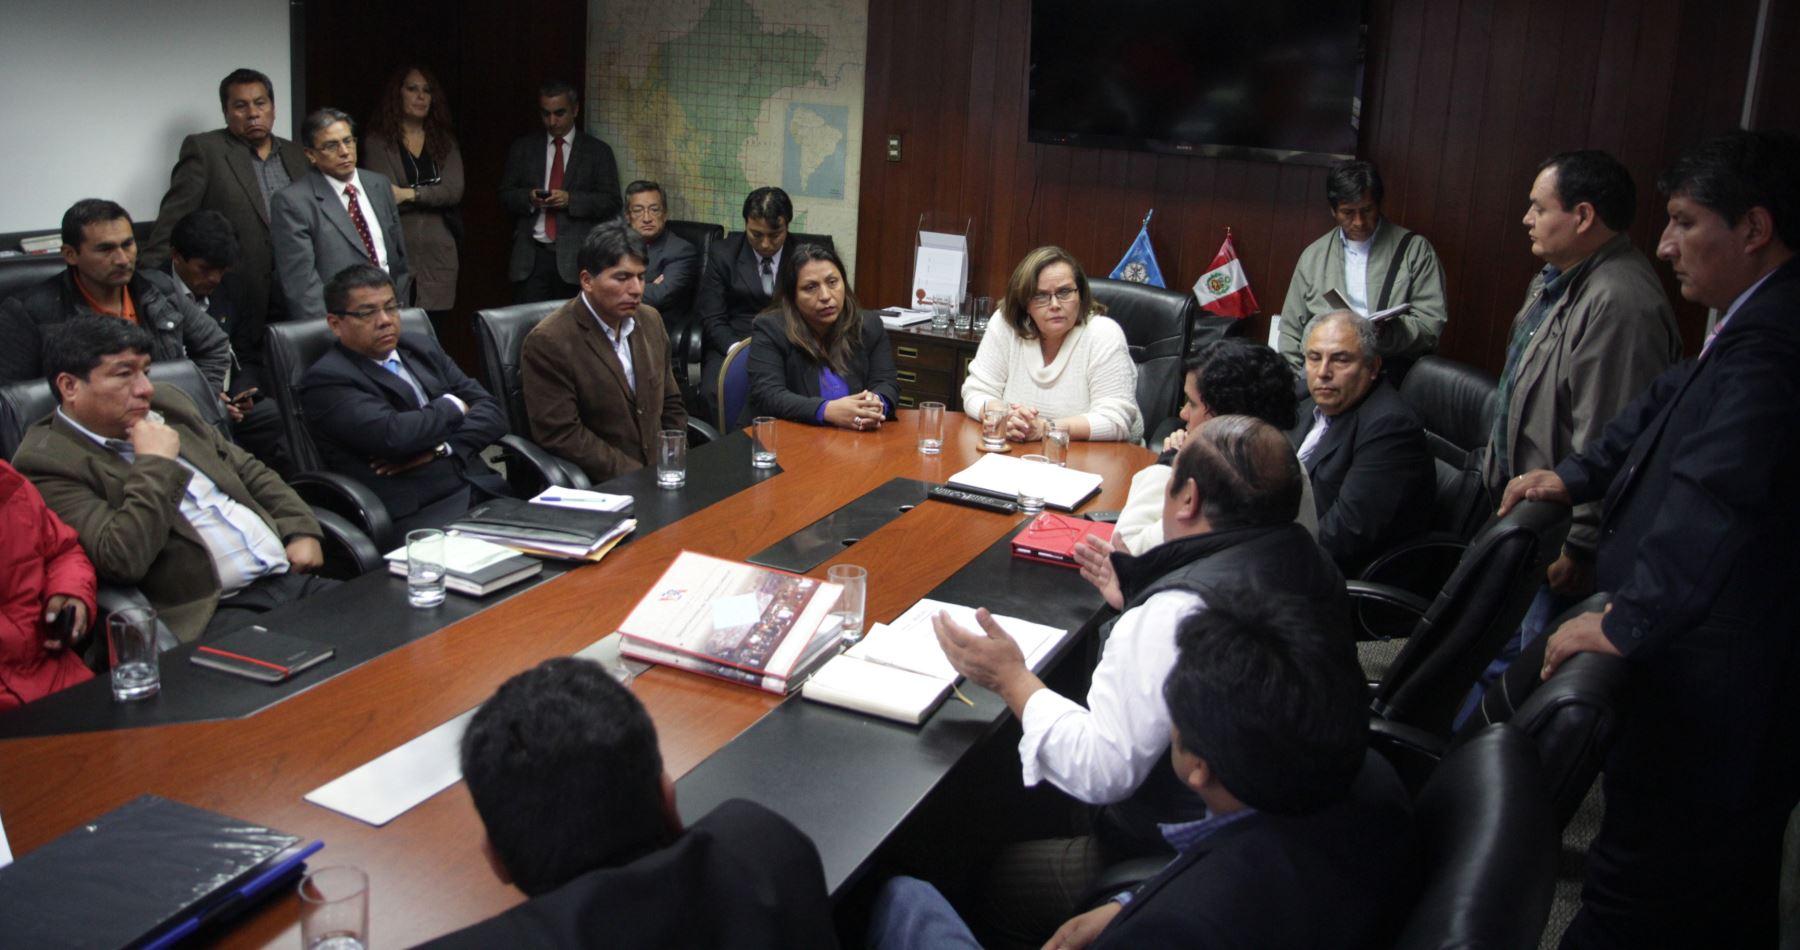 Continúa en Ministerio de Energía y Minas dialogo con trabajadores de La Oroya. Foto: Difusión.